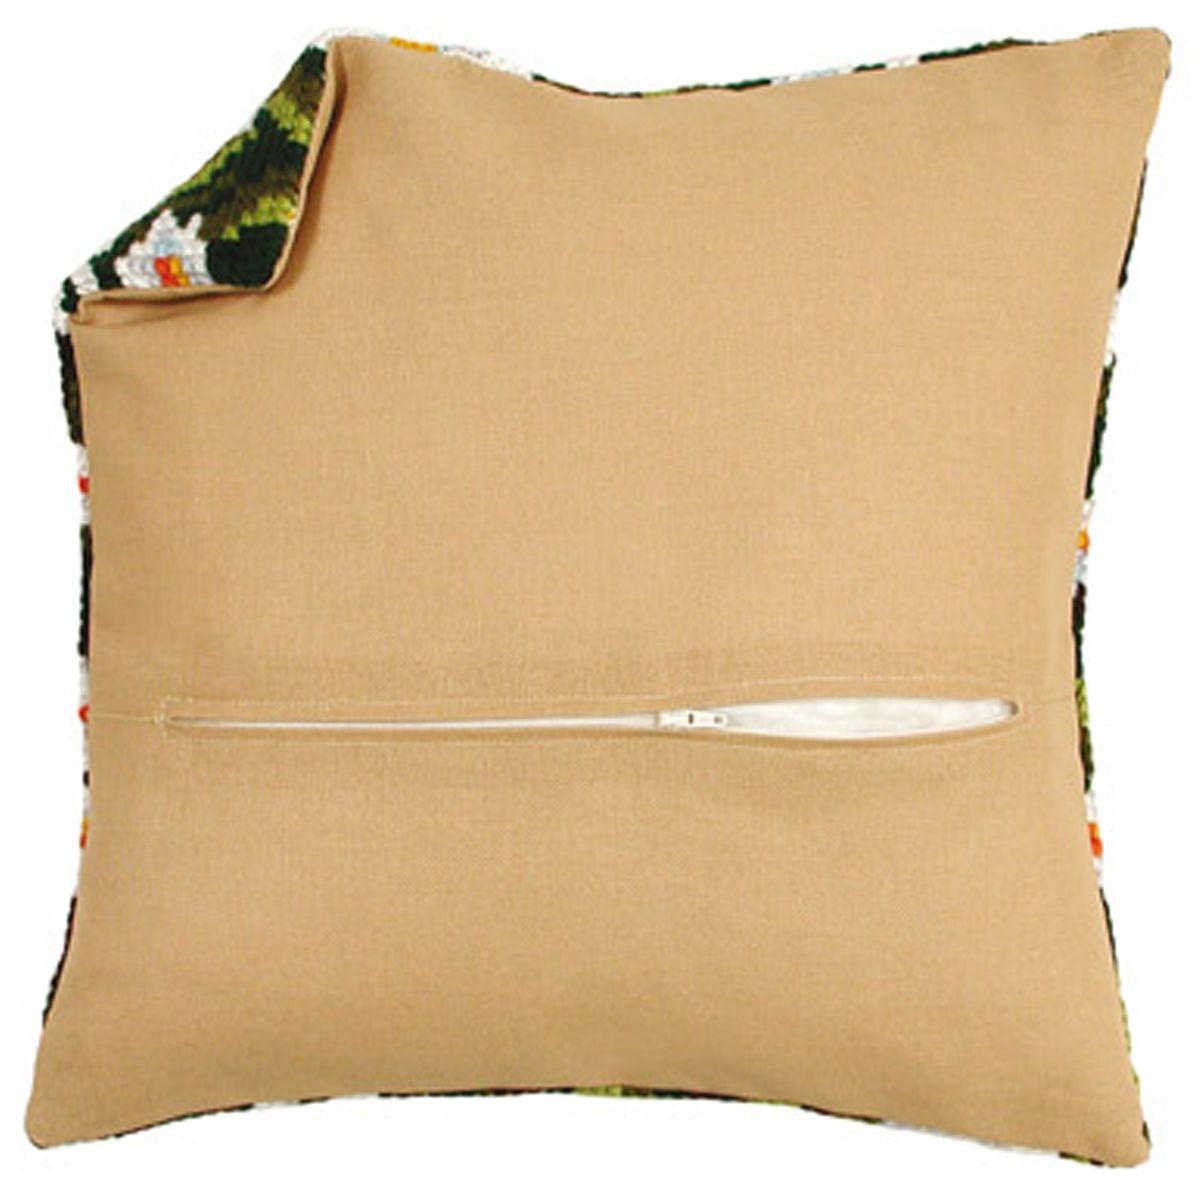 Обратная сторона подушки Vervaco, 45 х 45 см, цвет: бежевый8999-11Обратная сторона подушки с уже вшитой молнией. Идеальна для подушек размером 40х40 см. В центре вшит замок-молния, вам останется только пришить ее к декоративной части подушки. Состав: 100% хлопок. Упаковка: п/э пакет с подвесом